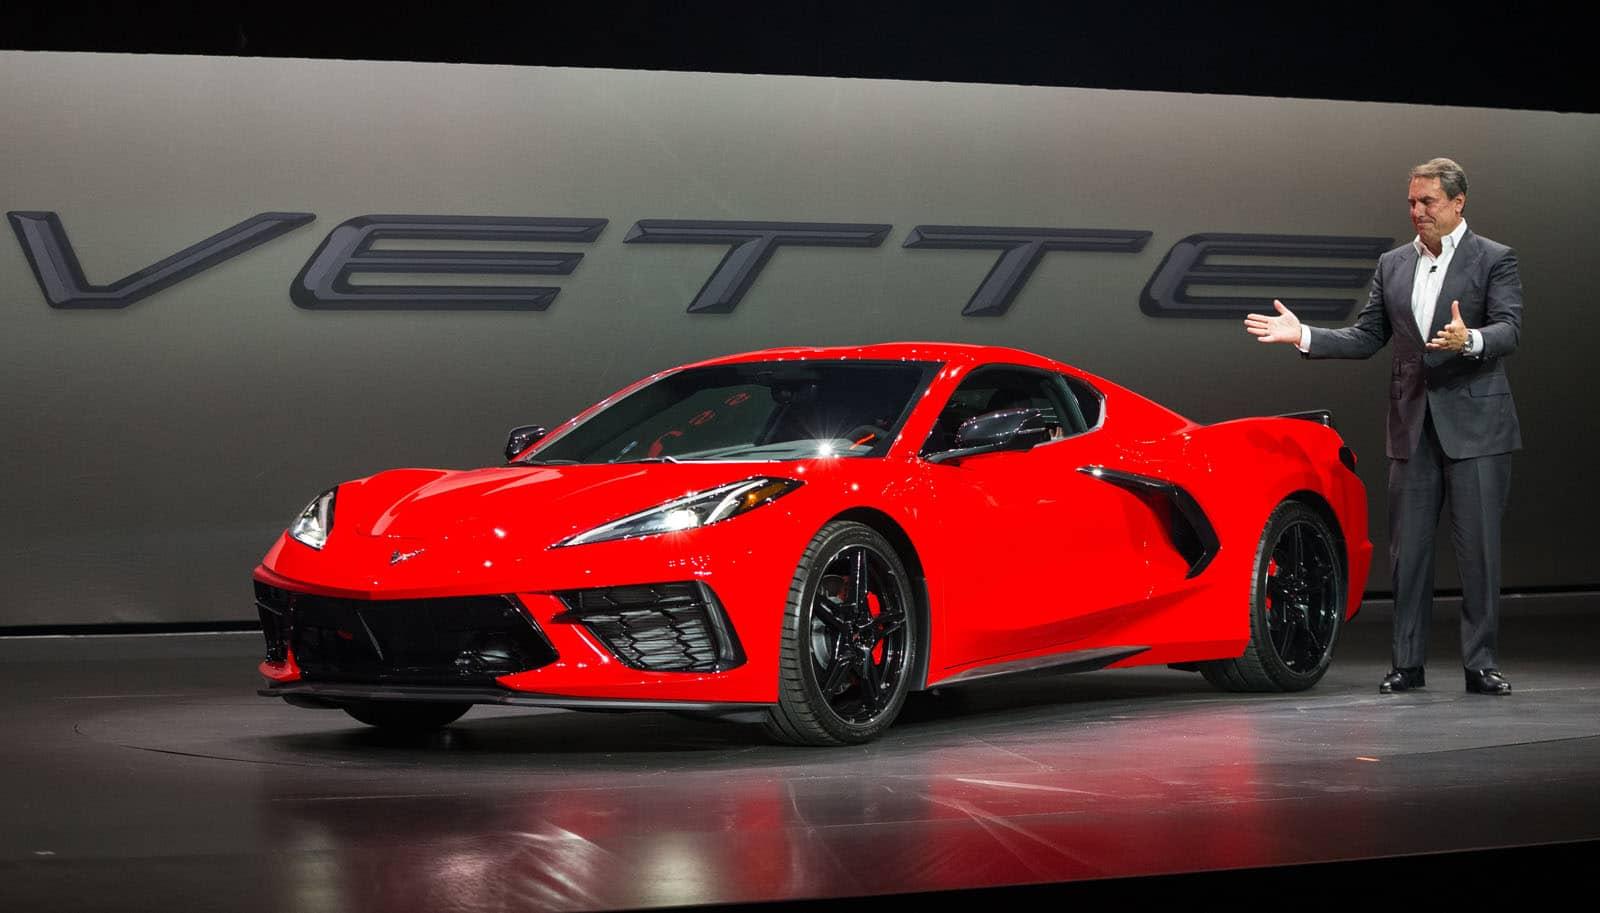 2020 chevy corvette c8 exhaust sound